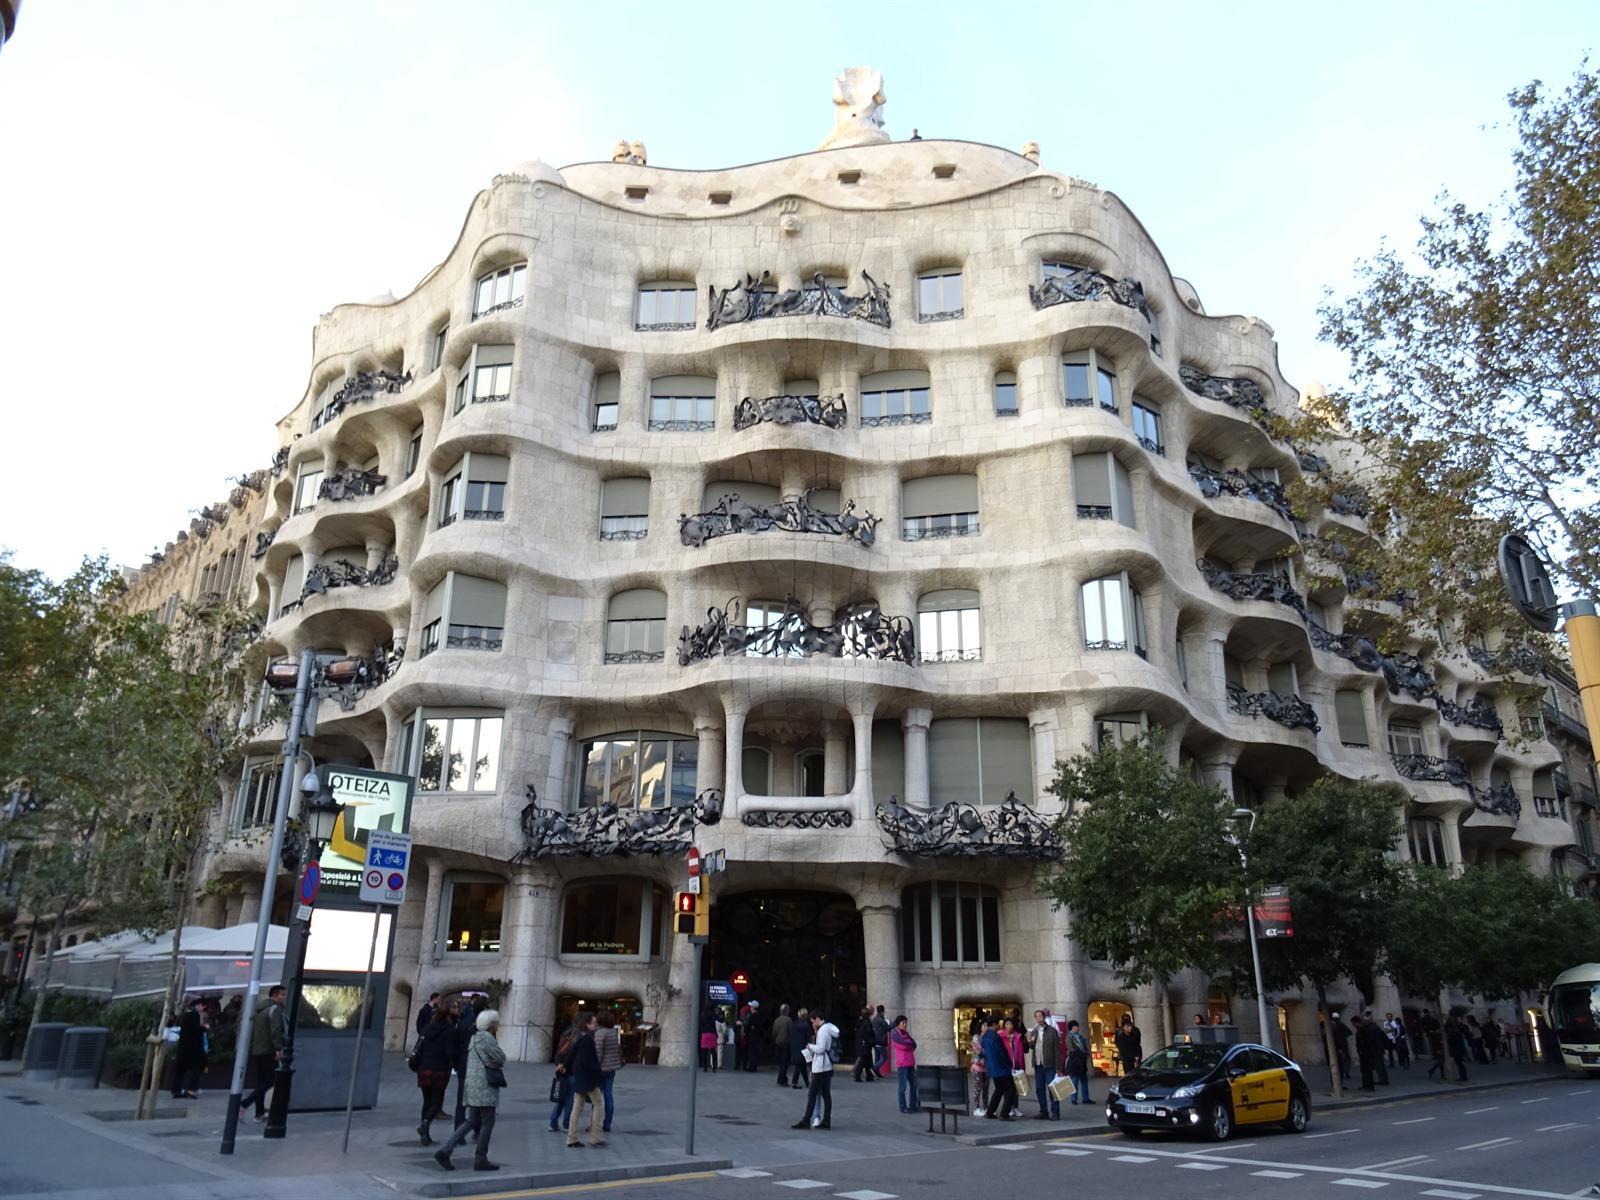 Bezoek Casa Mil  La Pedrera in Barcelona